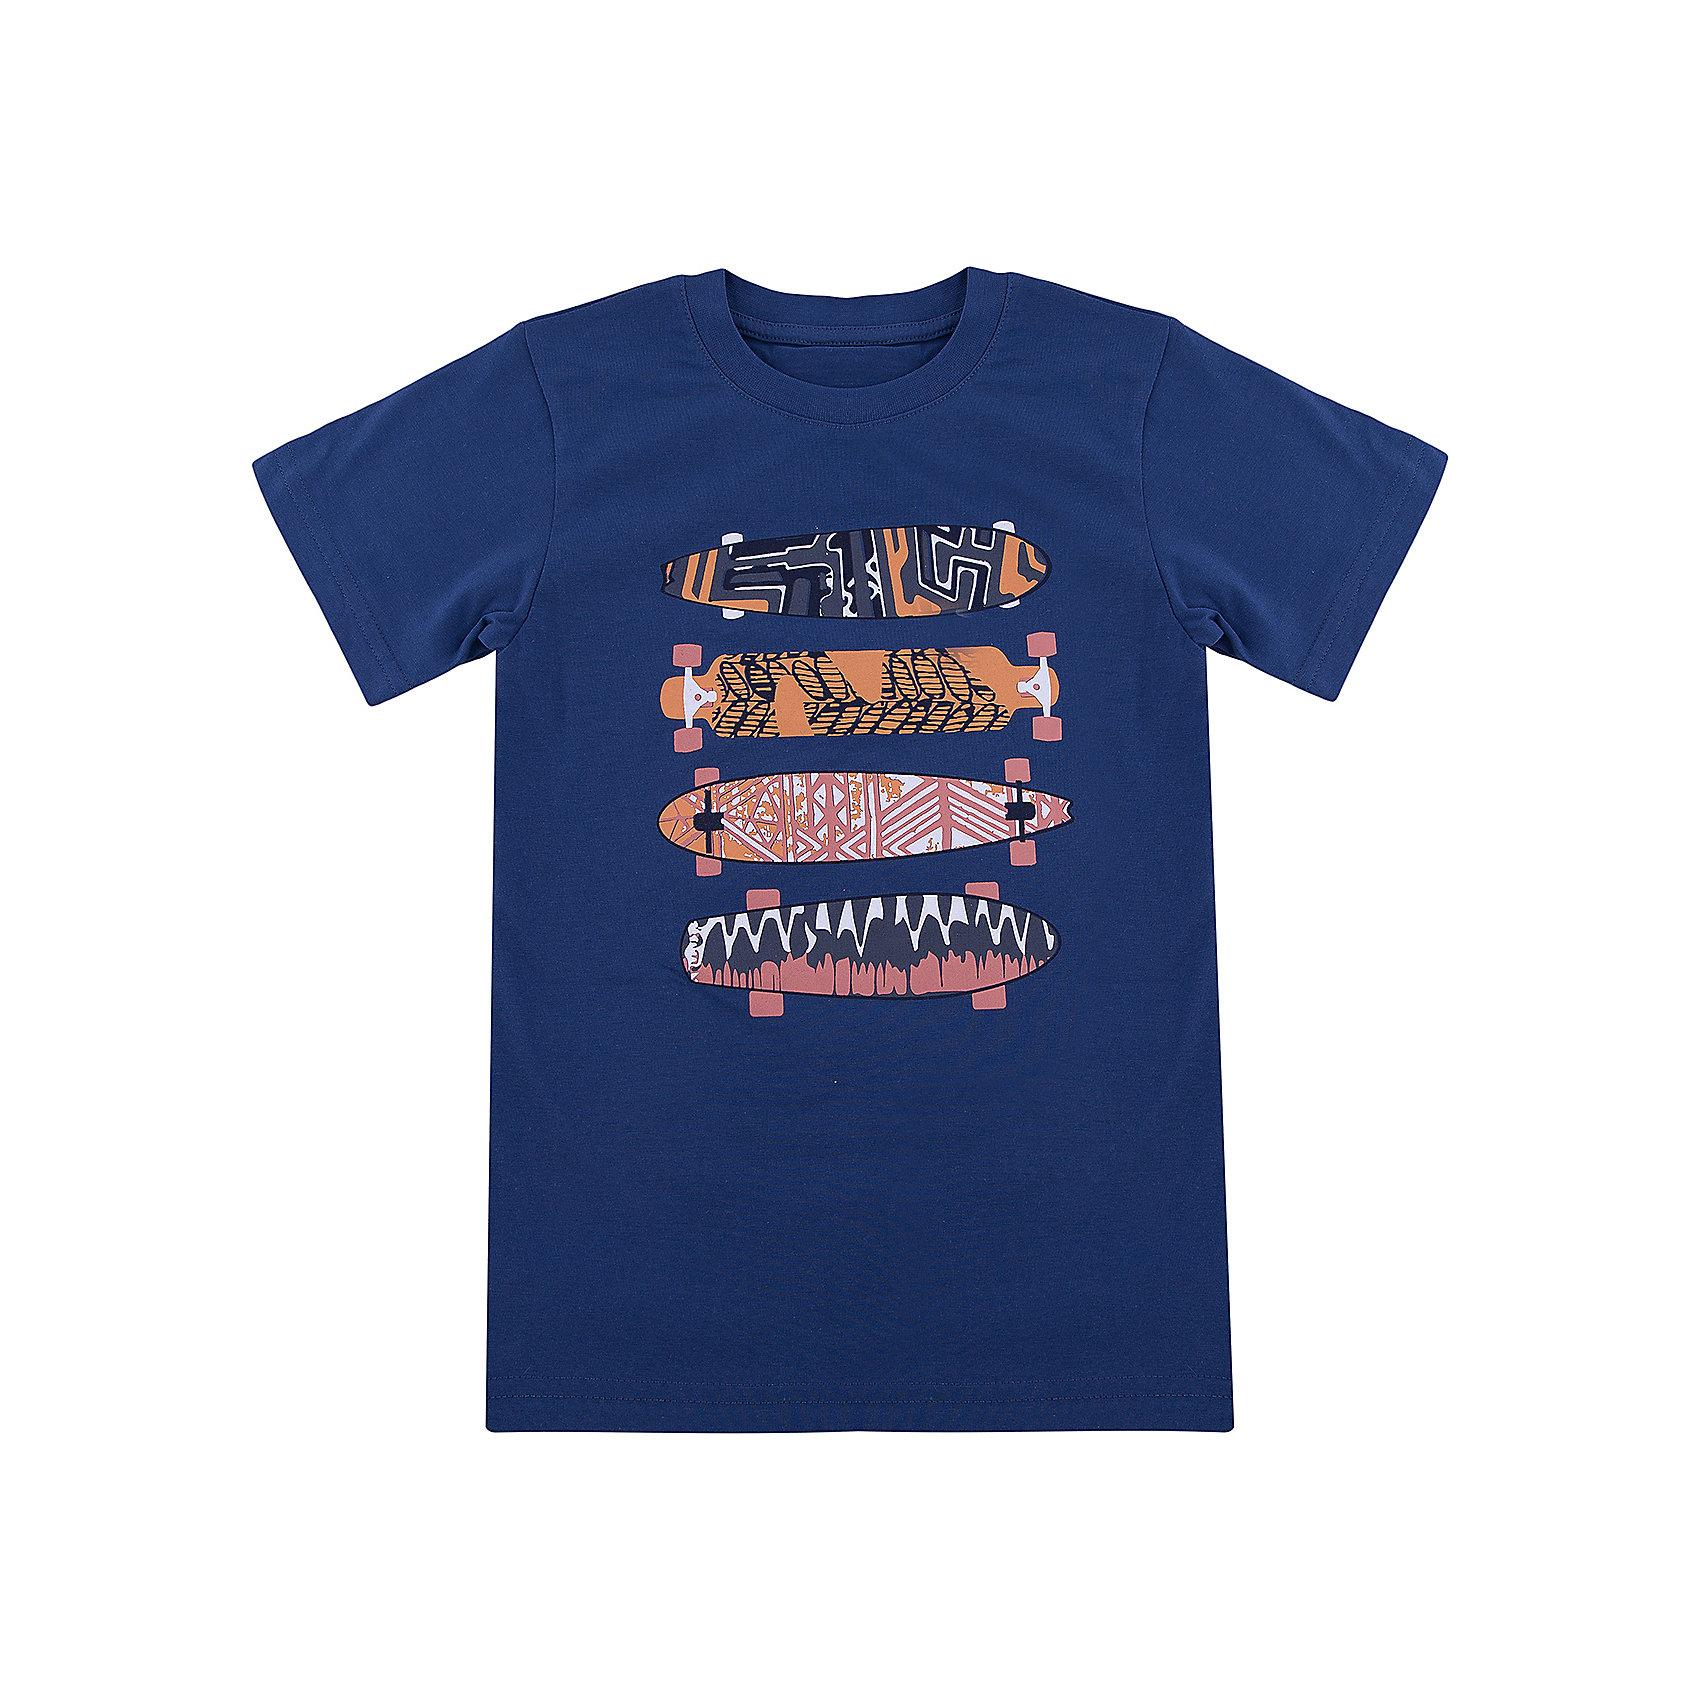 Футболка для мальчика WOWФутболки, поло и топы<br>Футболка для мальчика WOW<br>Незаменимой вещью в  гардеробе послужит футболка с коротким рукавом. Стильная и в тоже время комфортная модель, с яркой оригинальной печатью, будет превосходно смотреться на ребенке.<br>Состав:<br>кулирная гладь 100% хлопок<br><br>Ширина мм: 199<br>Глубина мм: 10<br>Высота мм: 161<br>Вес г: 151<br>Цвет: синий<br>Возраст от месяцев: 156<br>Возраст до месяцев: 168<br>Пол: Мужской<br>Возраст: Детский<br>Размер: 164,128,134,140,146,152,158<br>SKU: 6871731